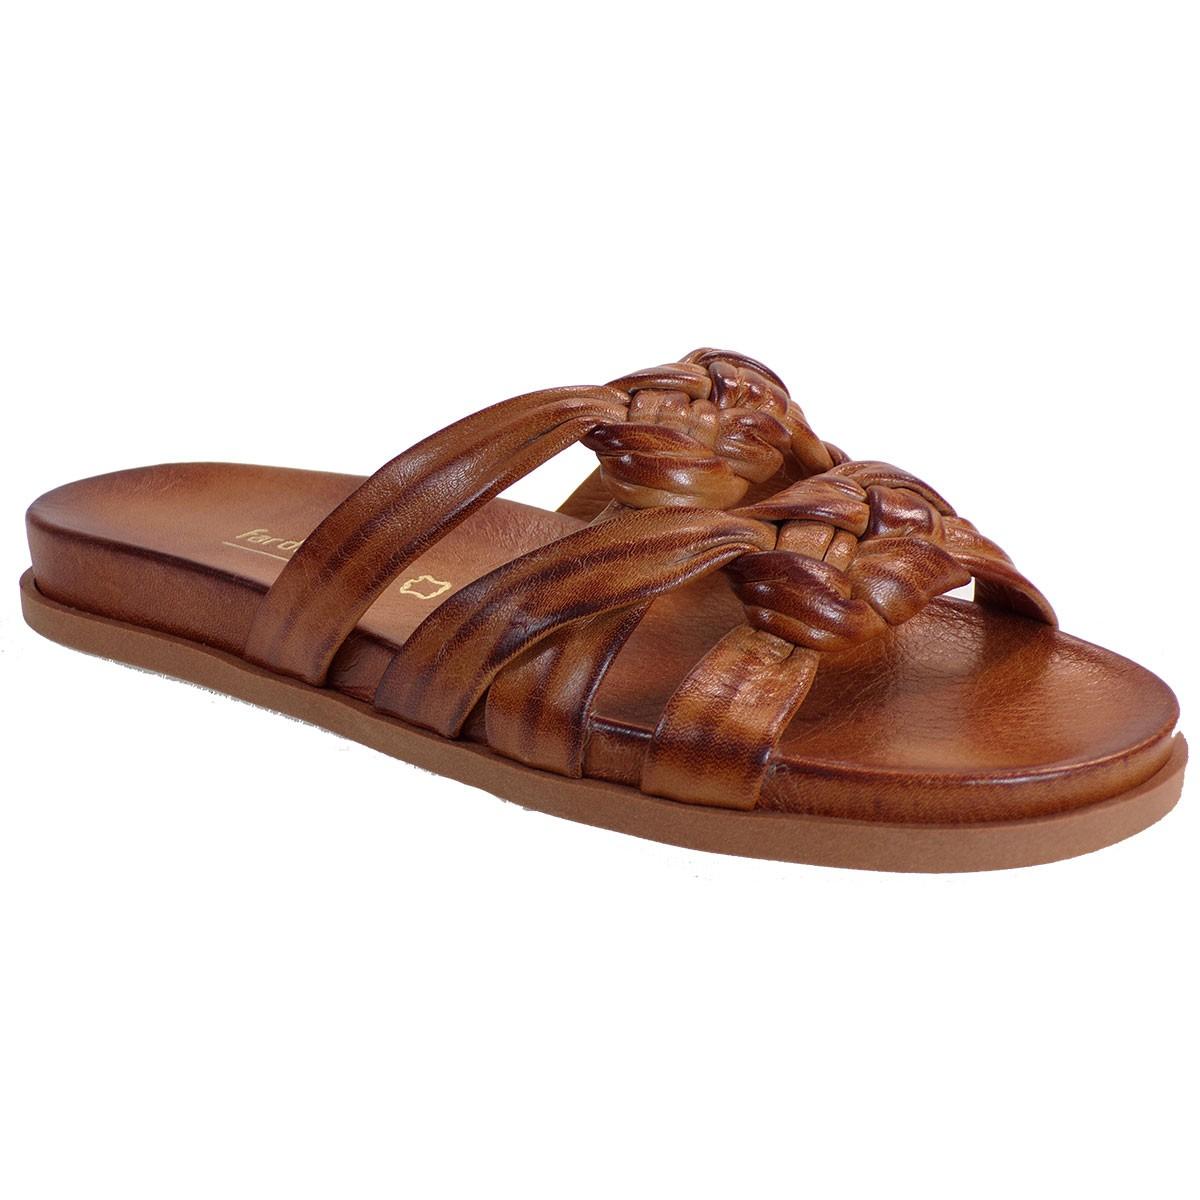 Fardoulis shoes Γυναικείες Παντόφλες 111-41 Ταμπά Δέρμα